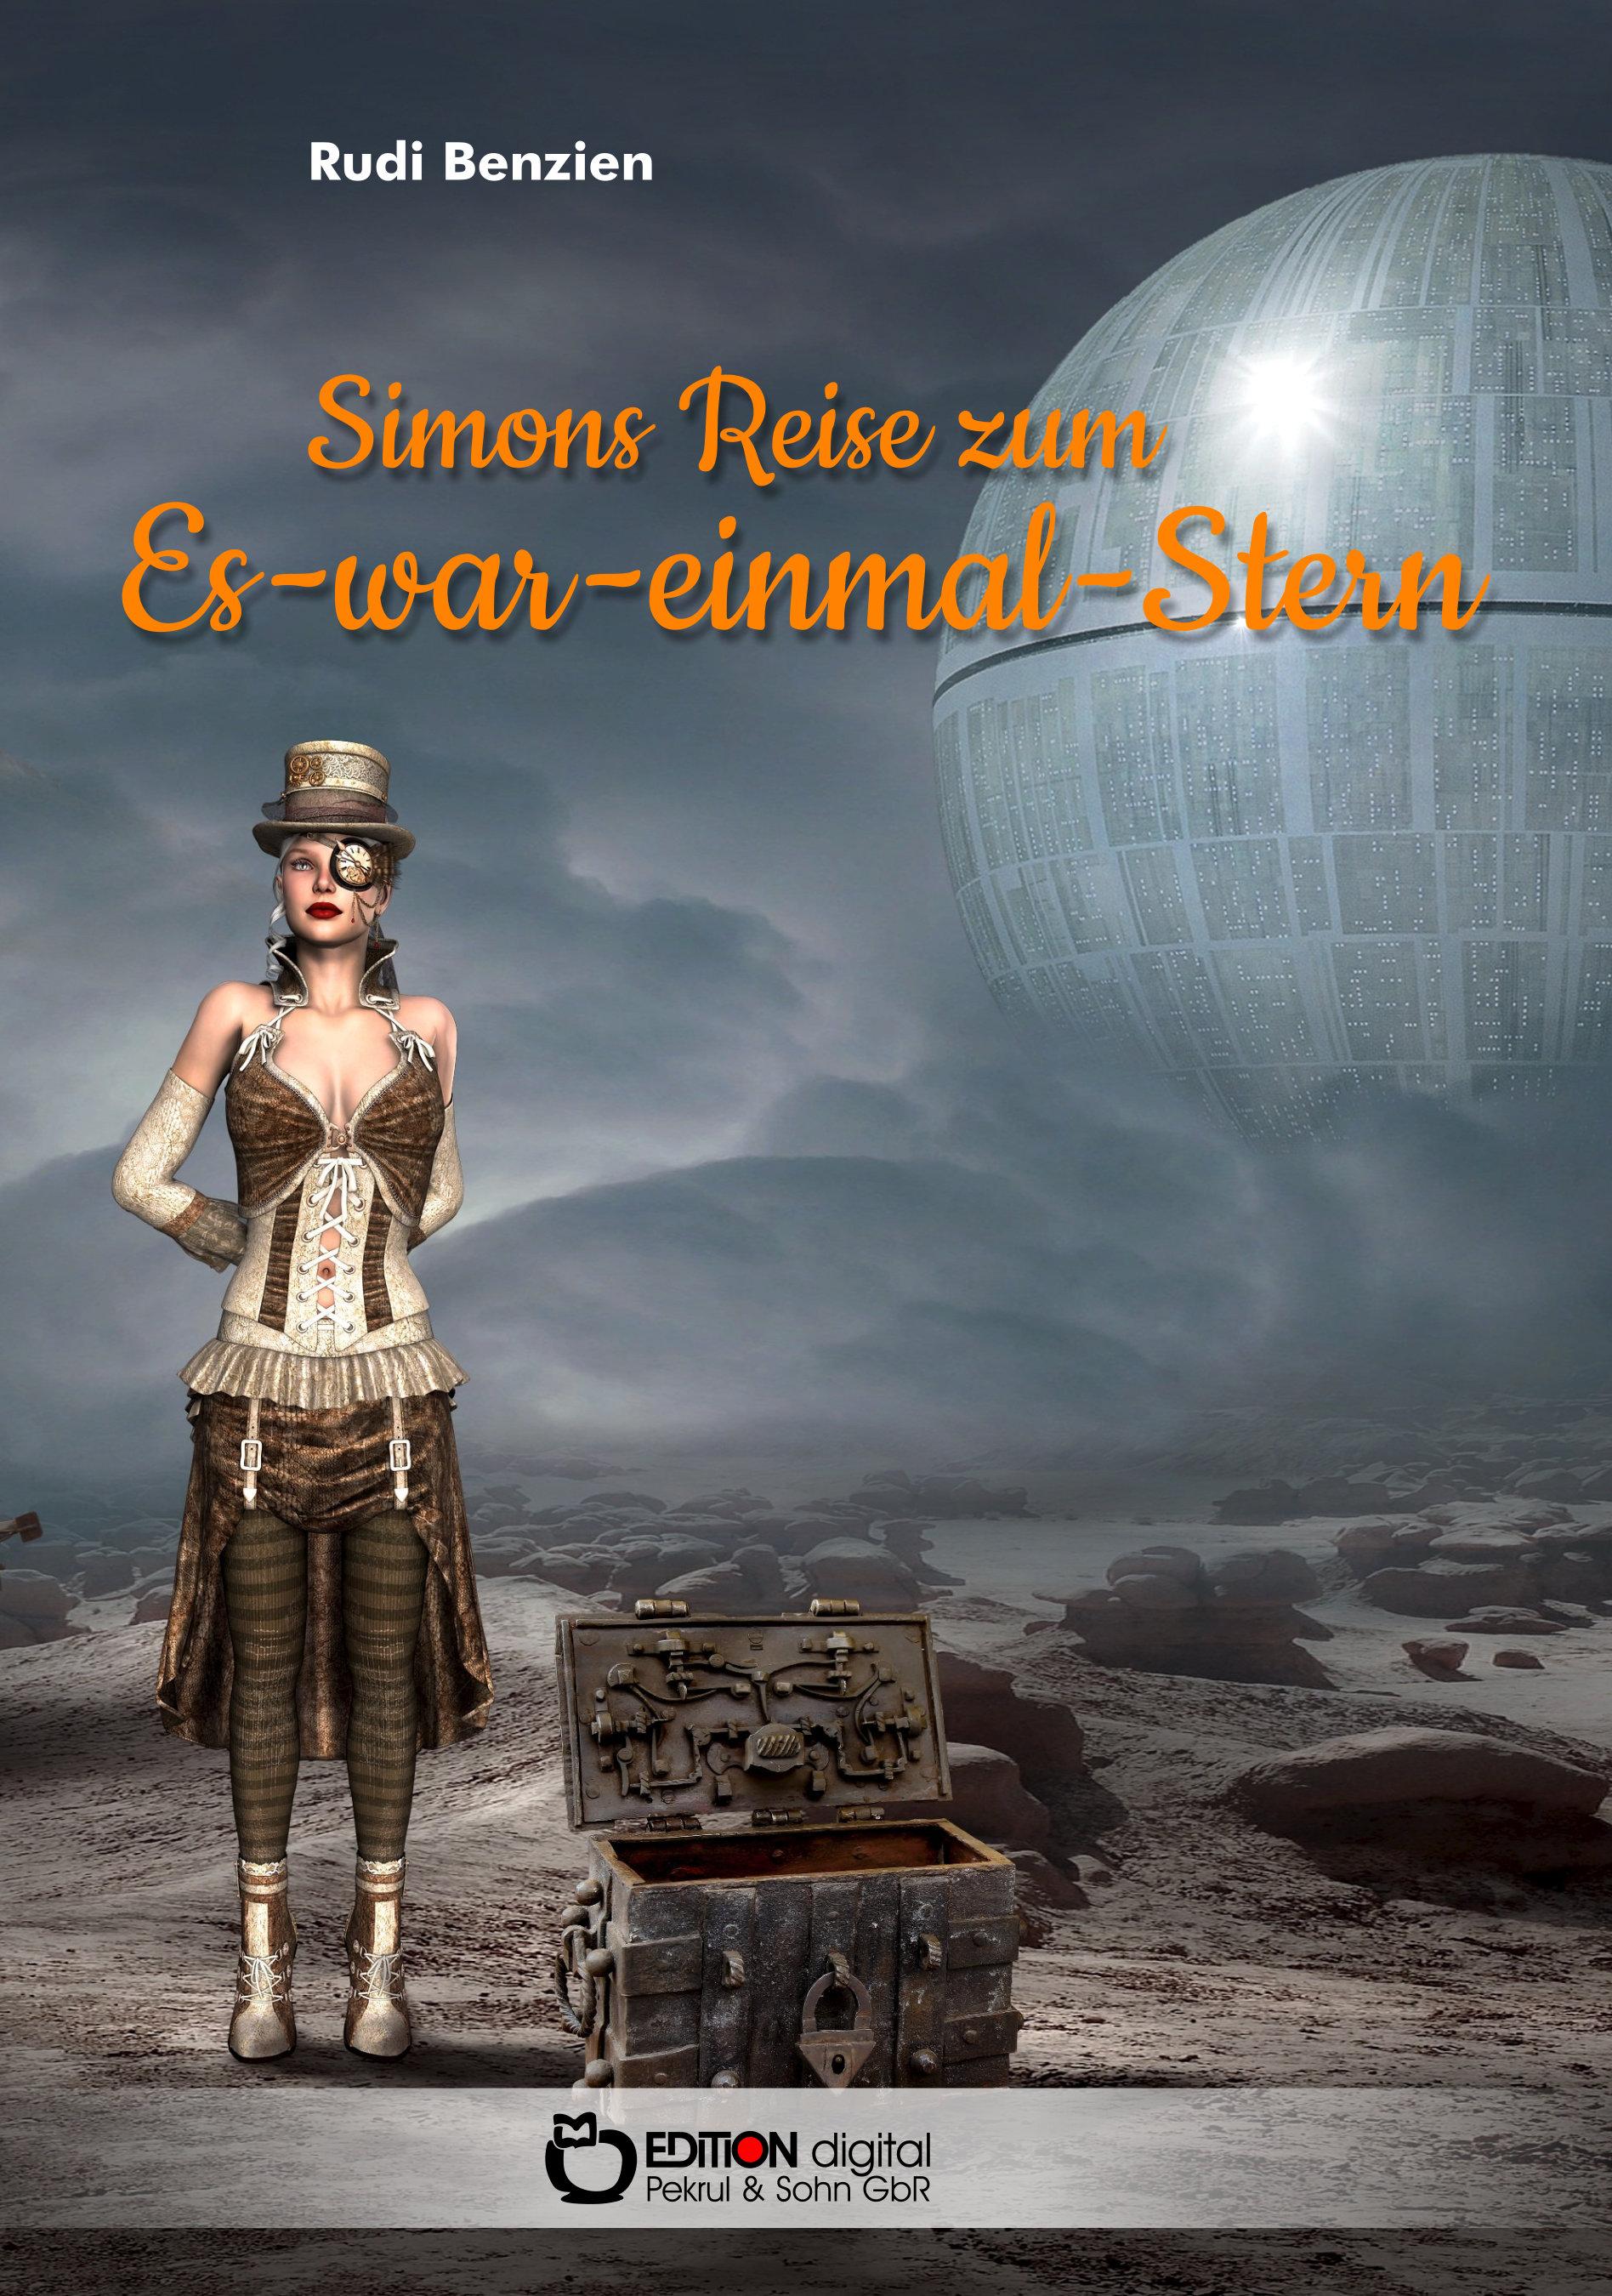 Simons Reise zum Es-war-einmal-Stern von Rudi Benzien